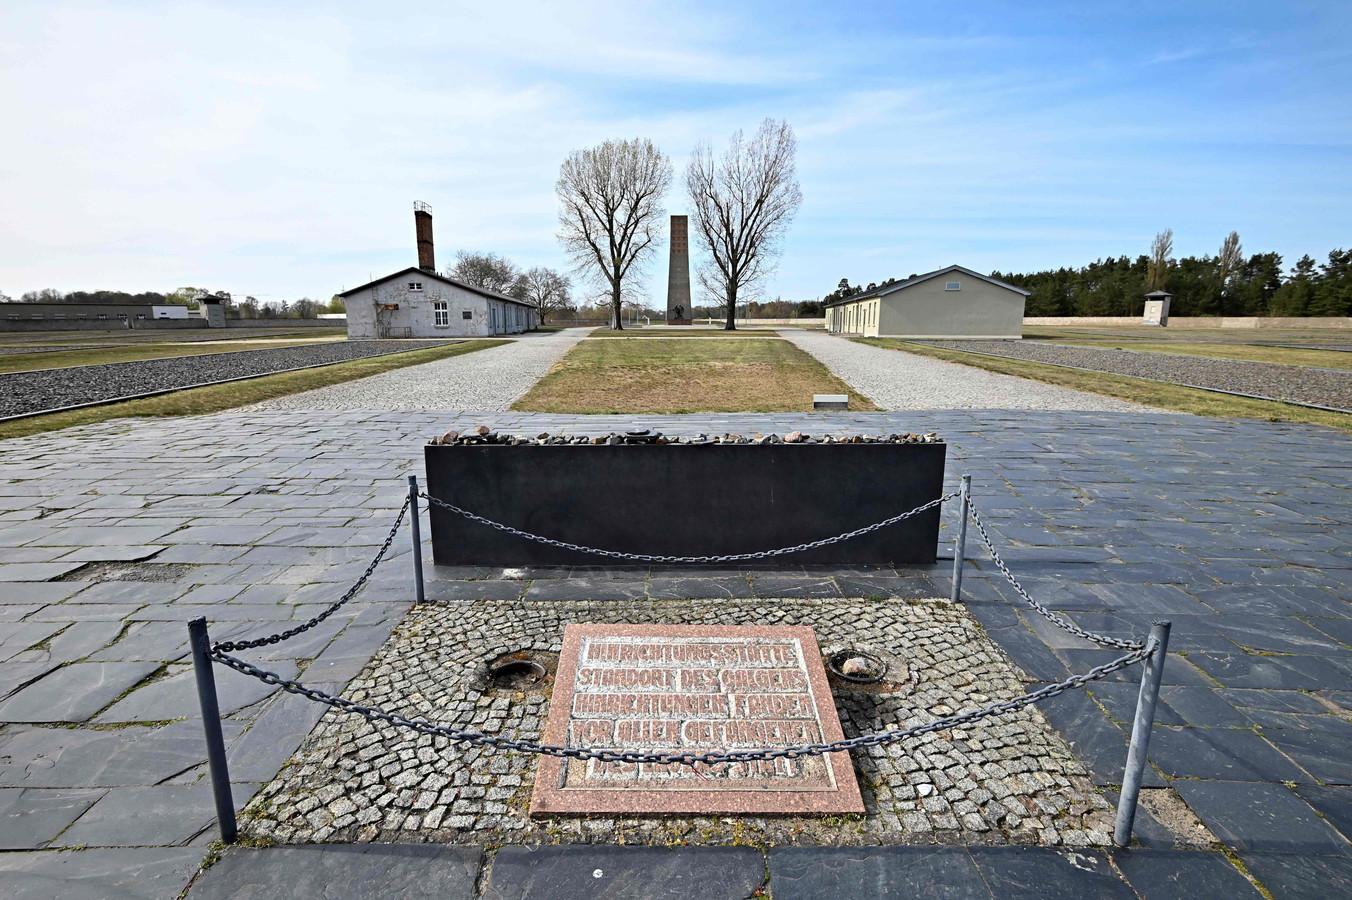 Een gedenksteen voor de slachtoffers in het voormalige concentratiekamp Sachsenhausen bij Oranienburg, zo'n 30 kilometer ten noorden van Berlijn.